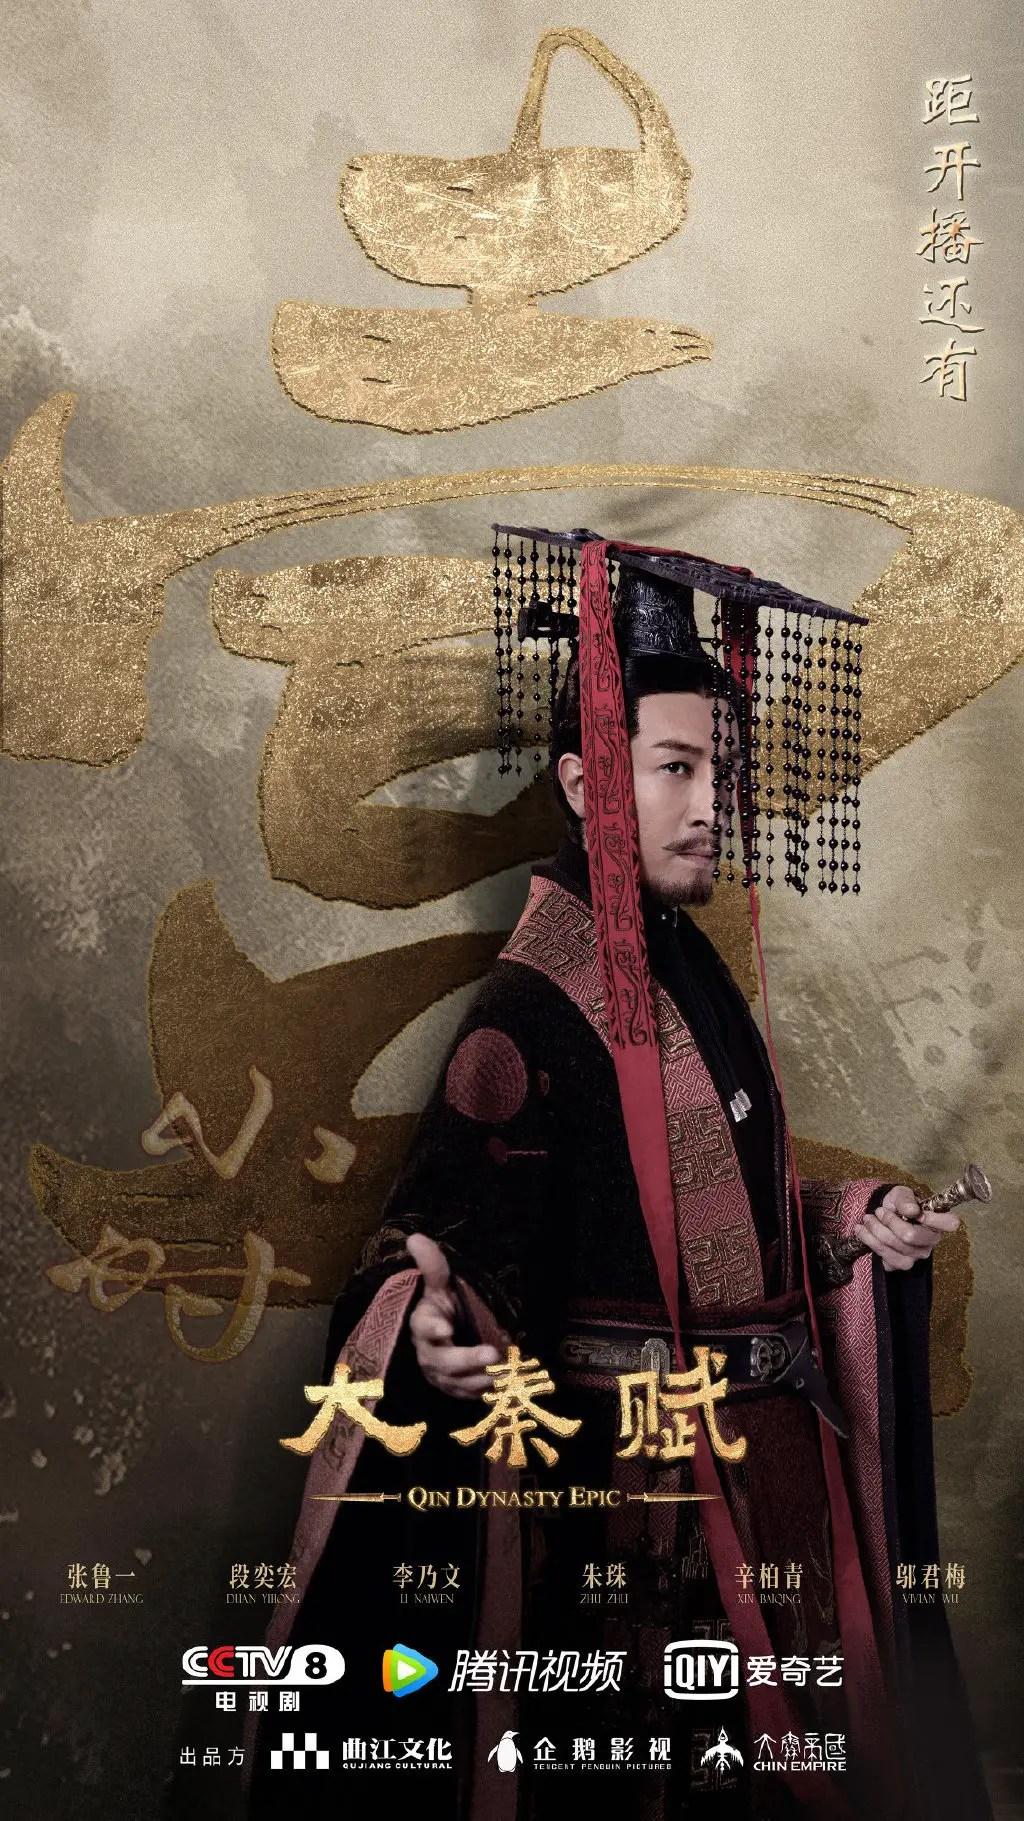 Qin Dynasty Epic Chinese Drama Still 3